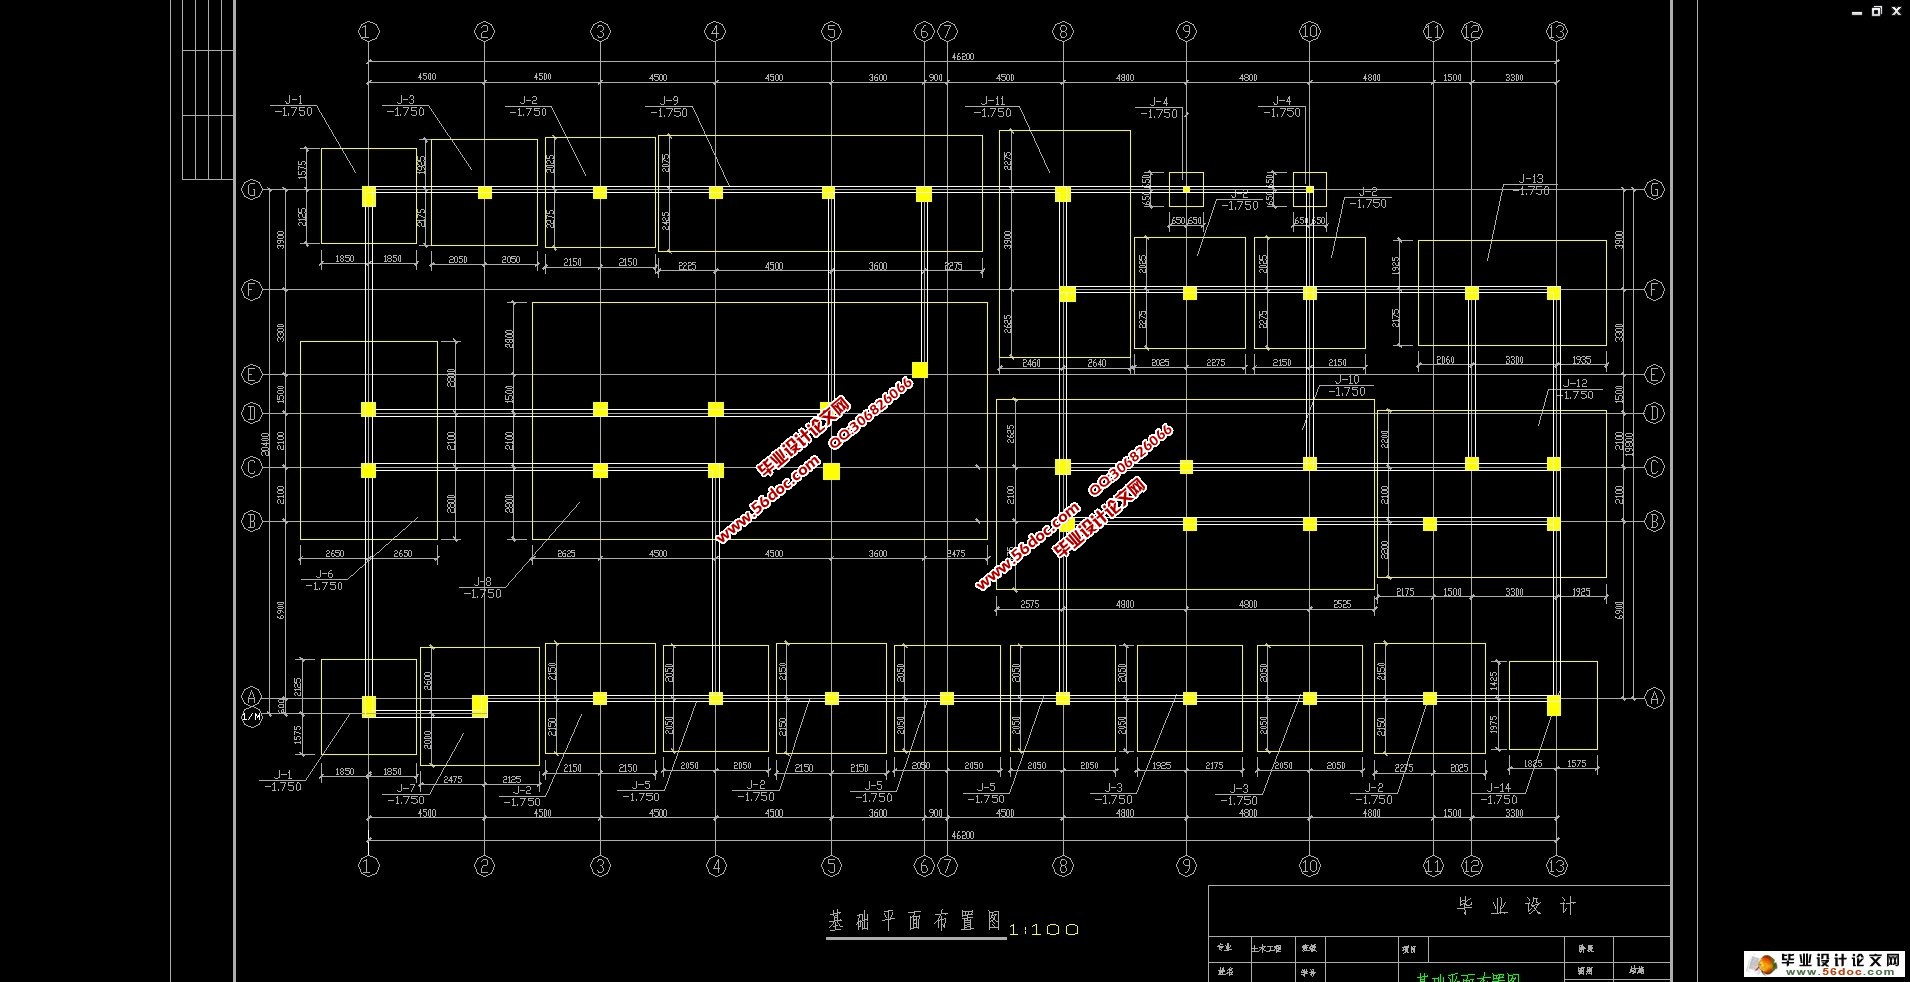 七层6118平米办公综合楼结构施工组织设计(结构图,进度计划表,平面